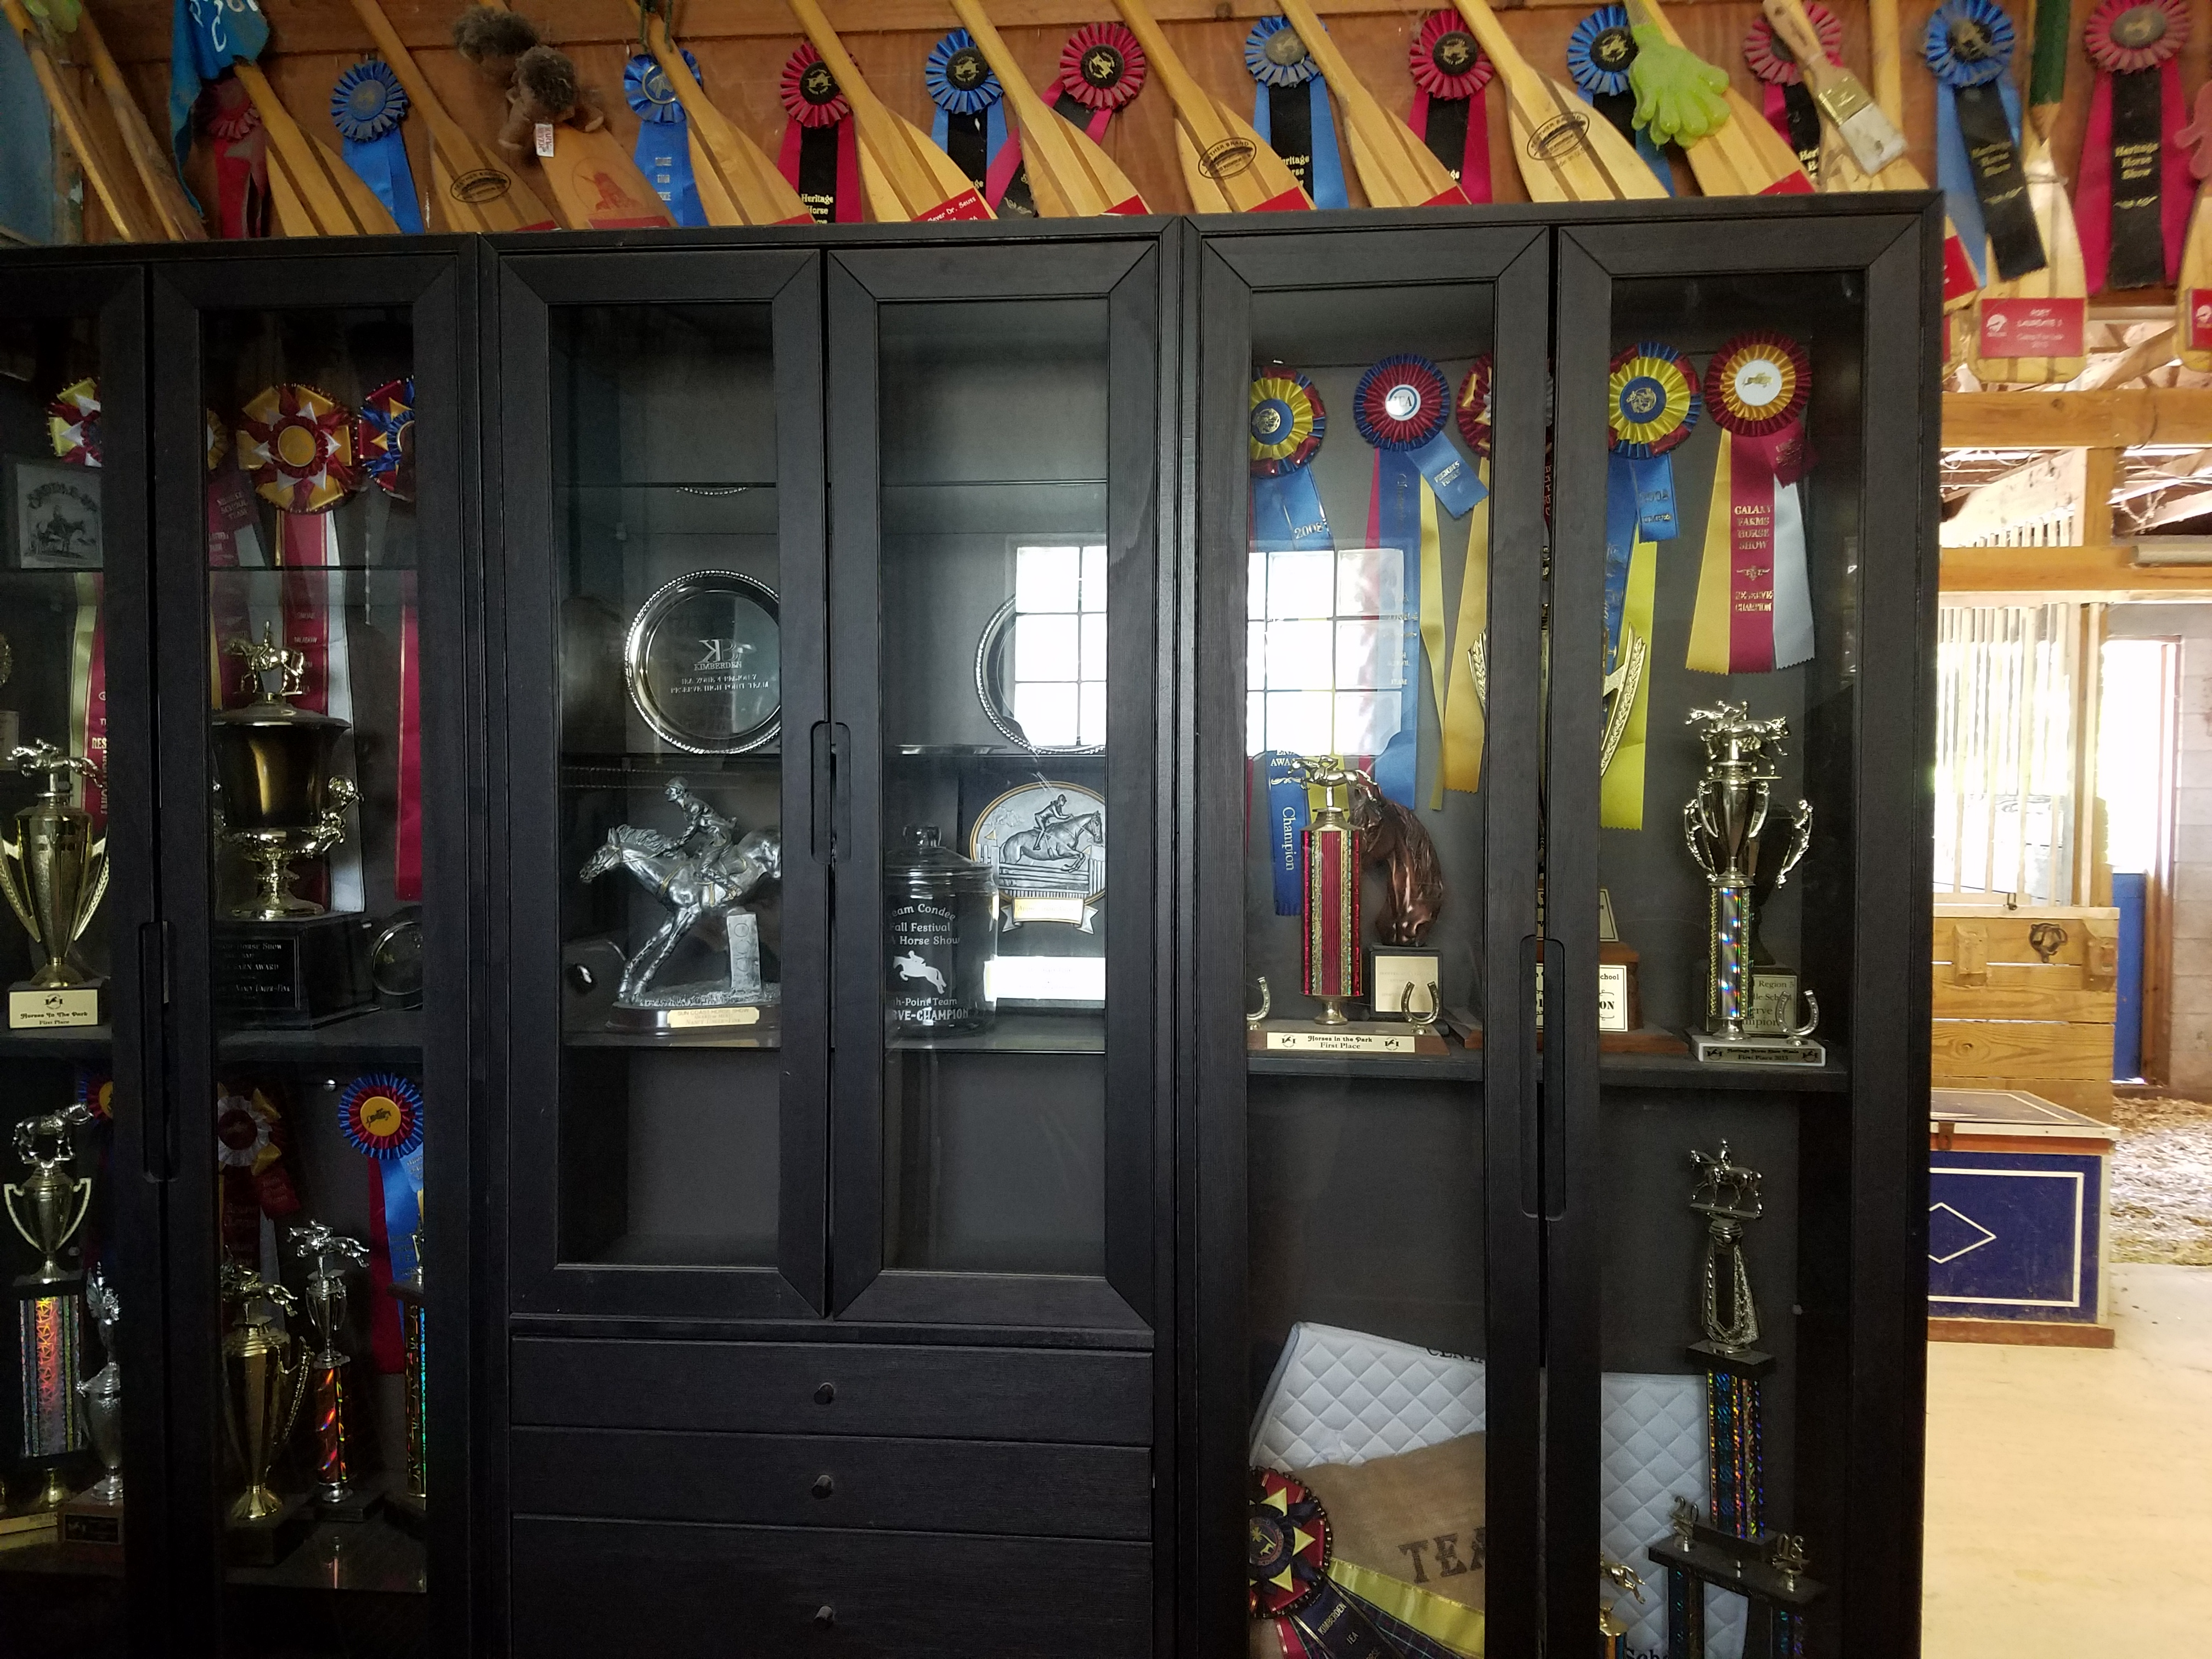 Tack Room - IEA Trophies